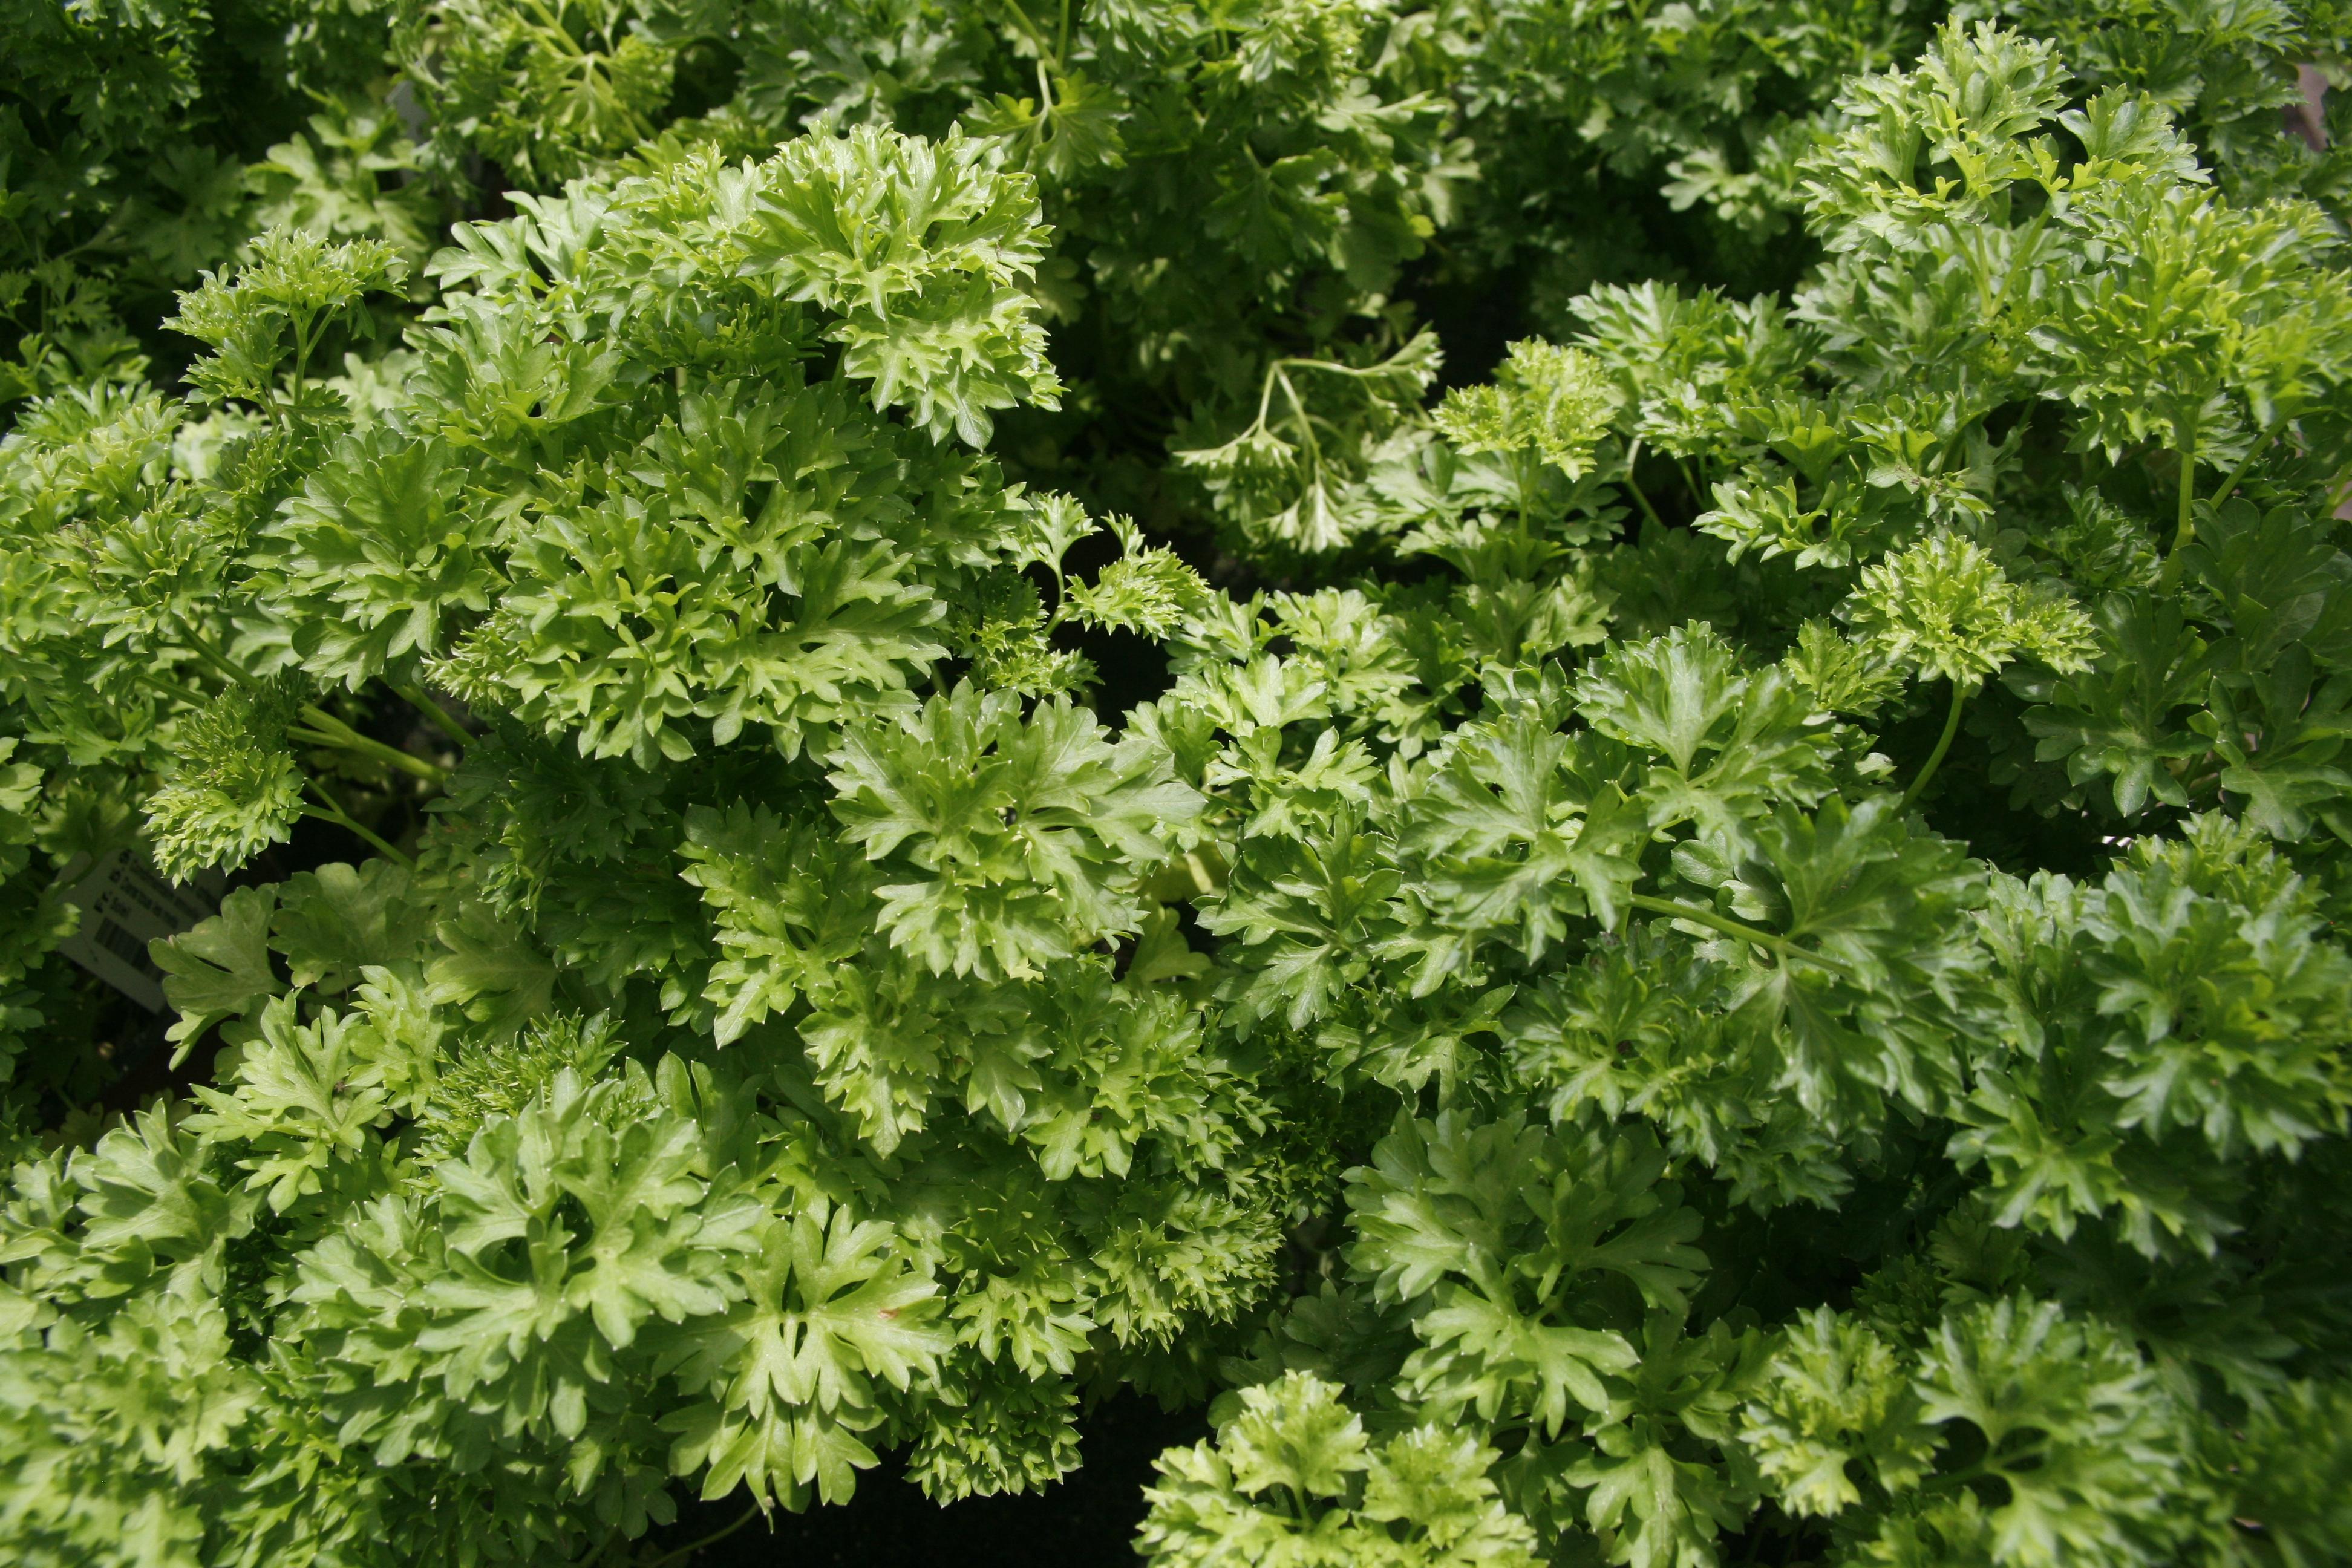 Les légumes feuilles vert, comme le persil, sont riches en vitamine K - © J.-F. Coffin